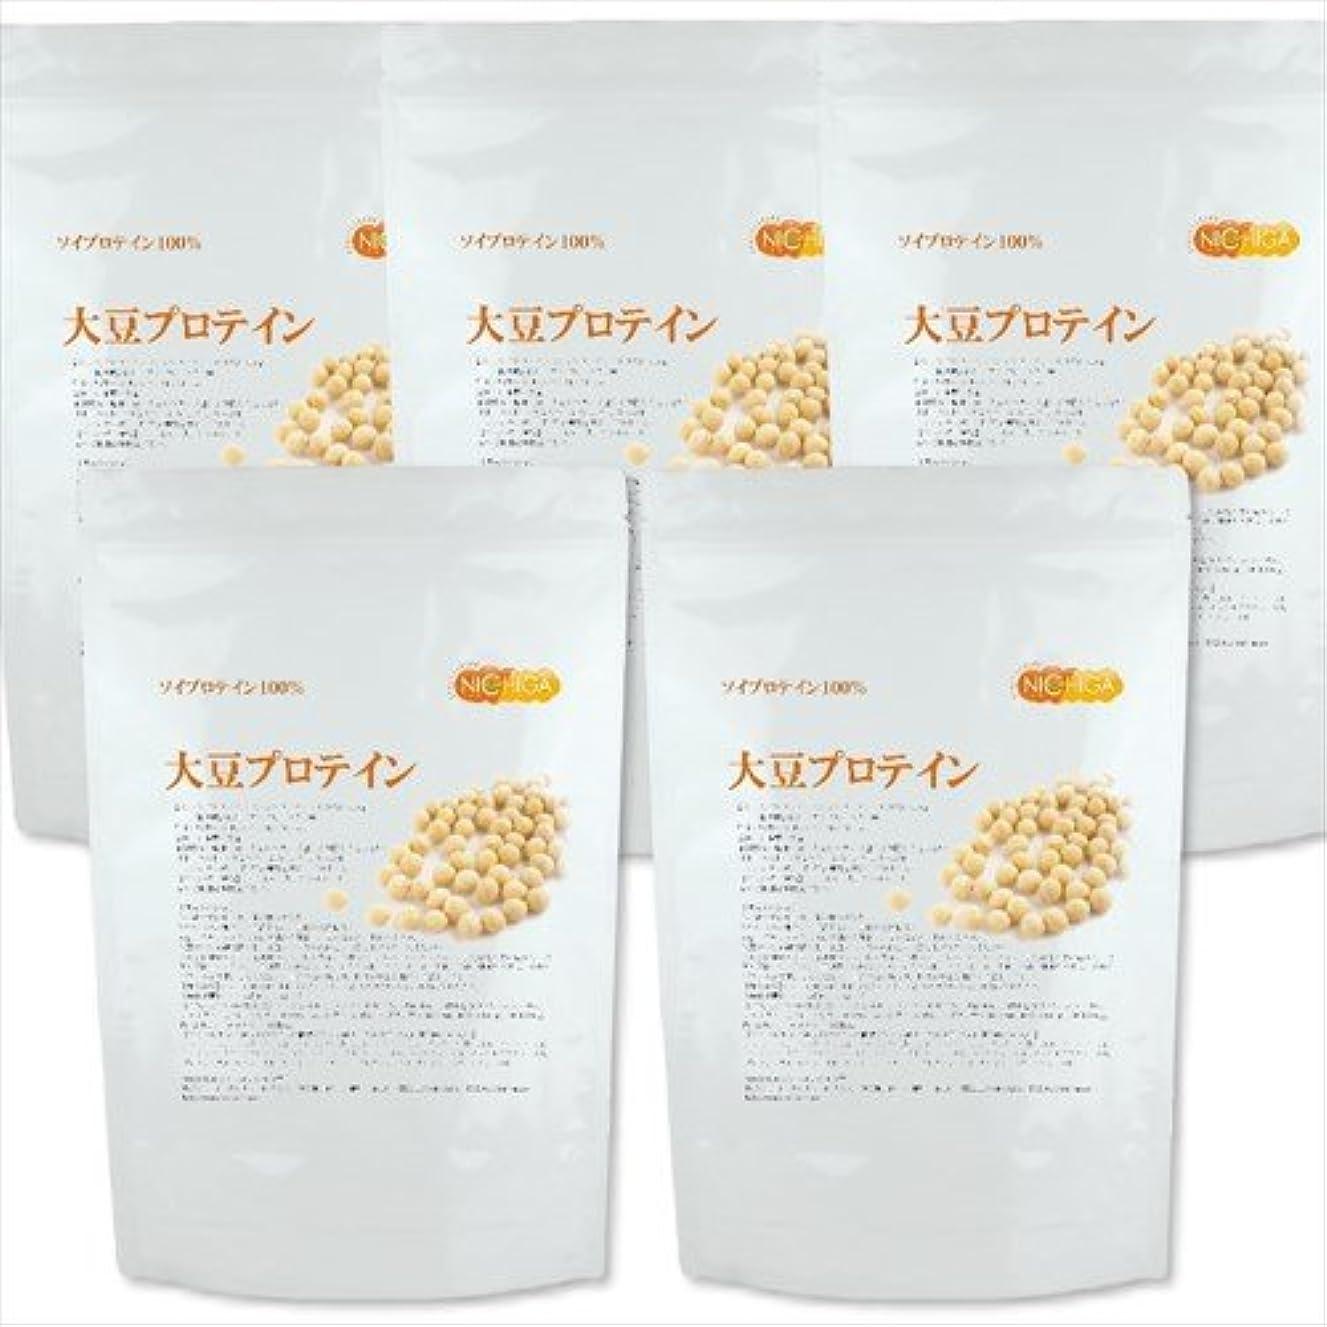 ヒゲクジラ帽子哺乳類<New> 大豆プロテイン(国内製造)1kg×5袋 [02] NICHIGA(ニチガ) 製品のリニューアル致しました ソイプロテイン100% 遺伝子組み換え不使用大豆 新規製法採用!